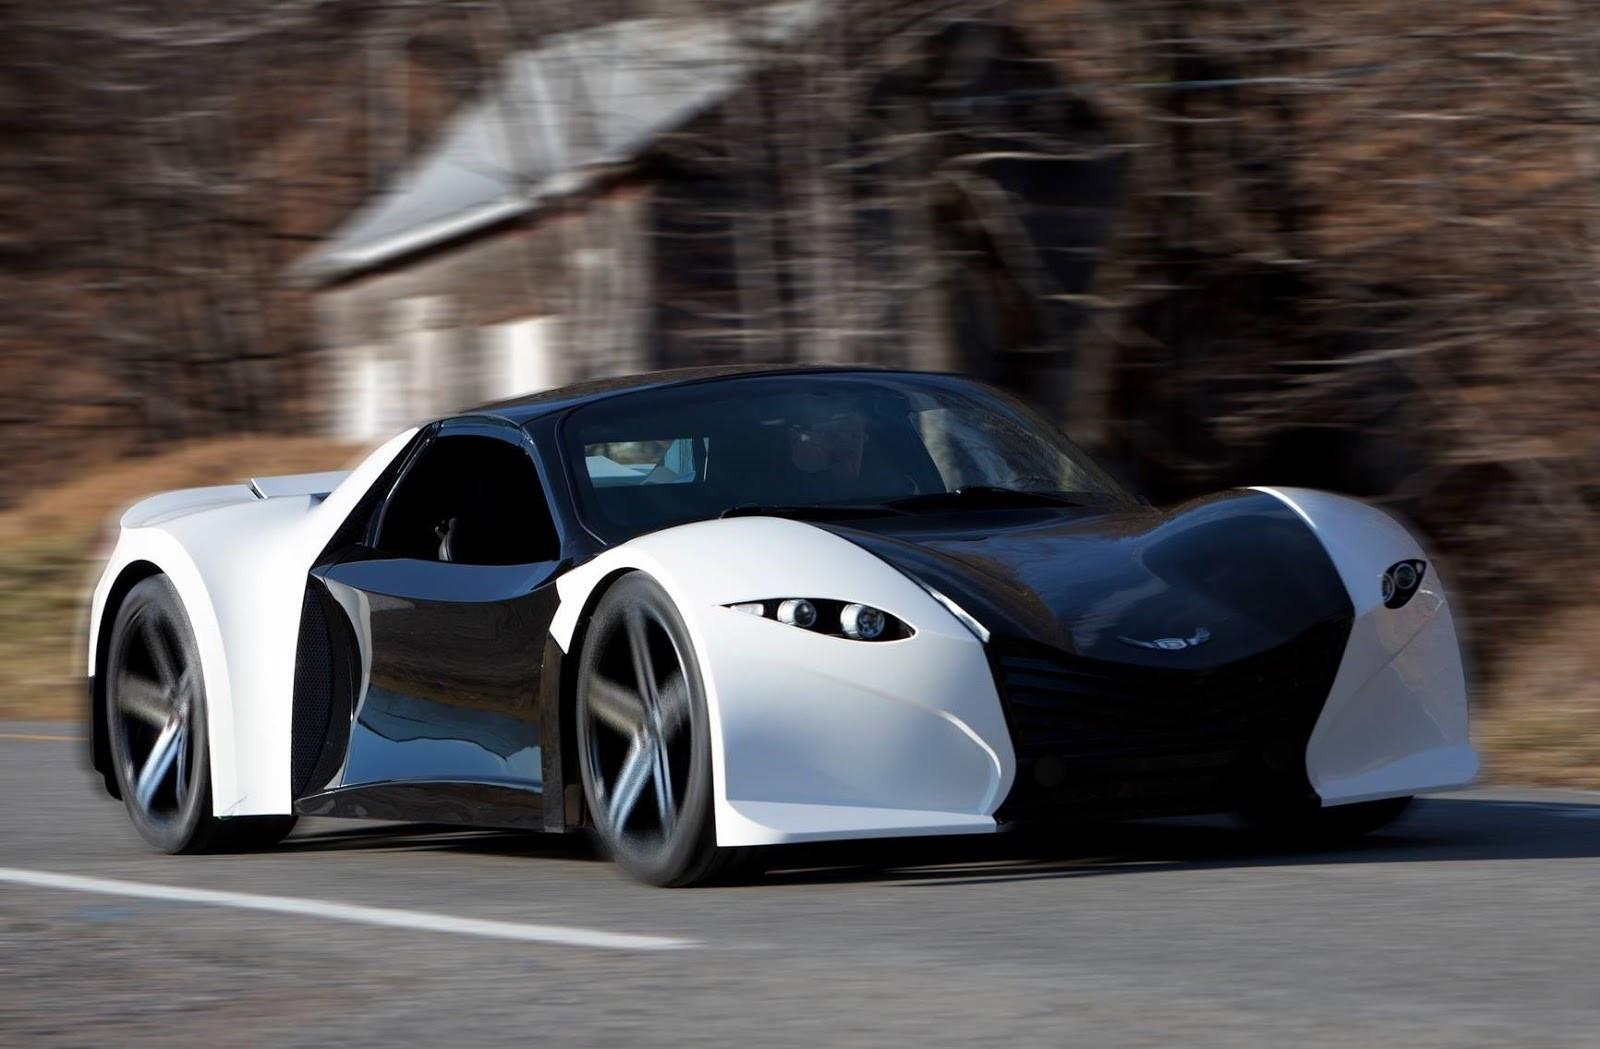 Компания Dubuc Motors в 2018 выпустит самый быстрый электрокар вмире